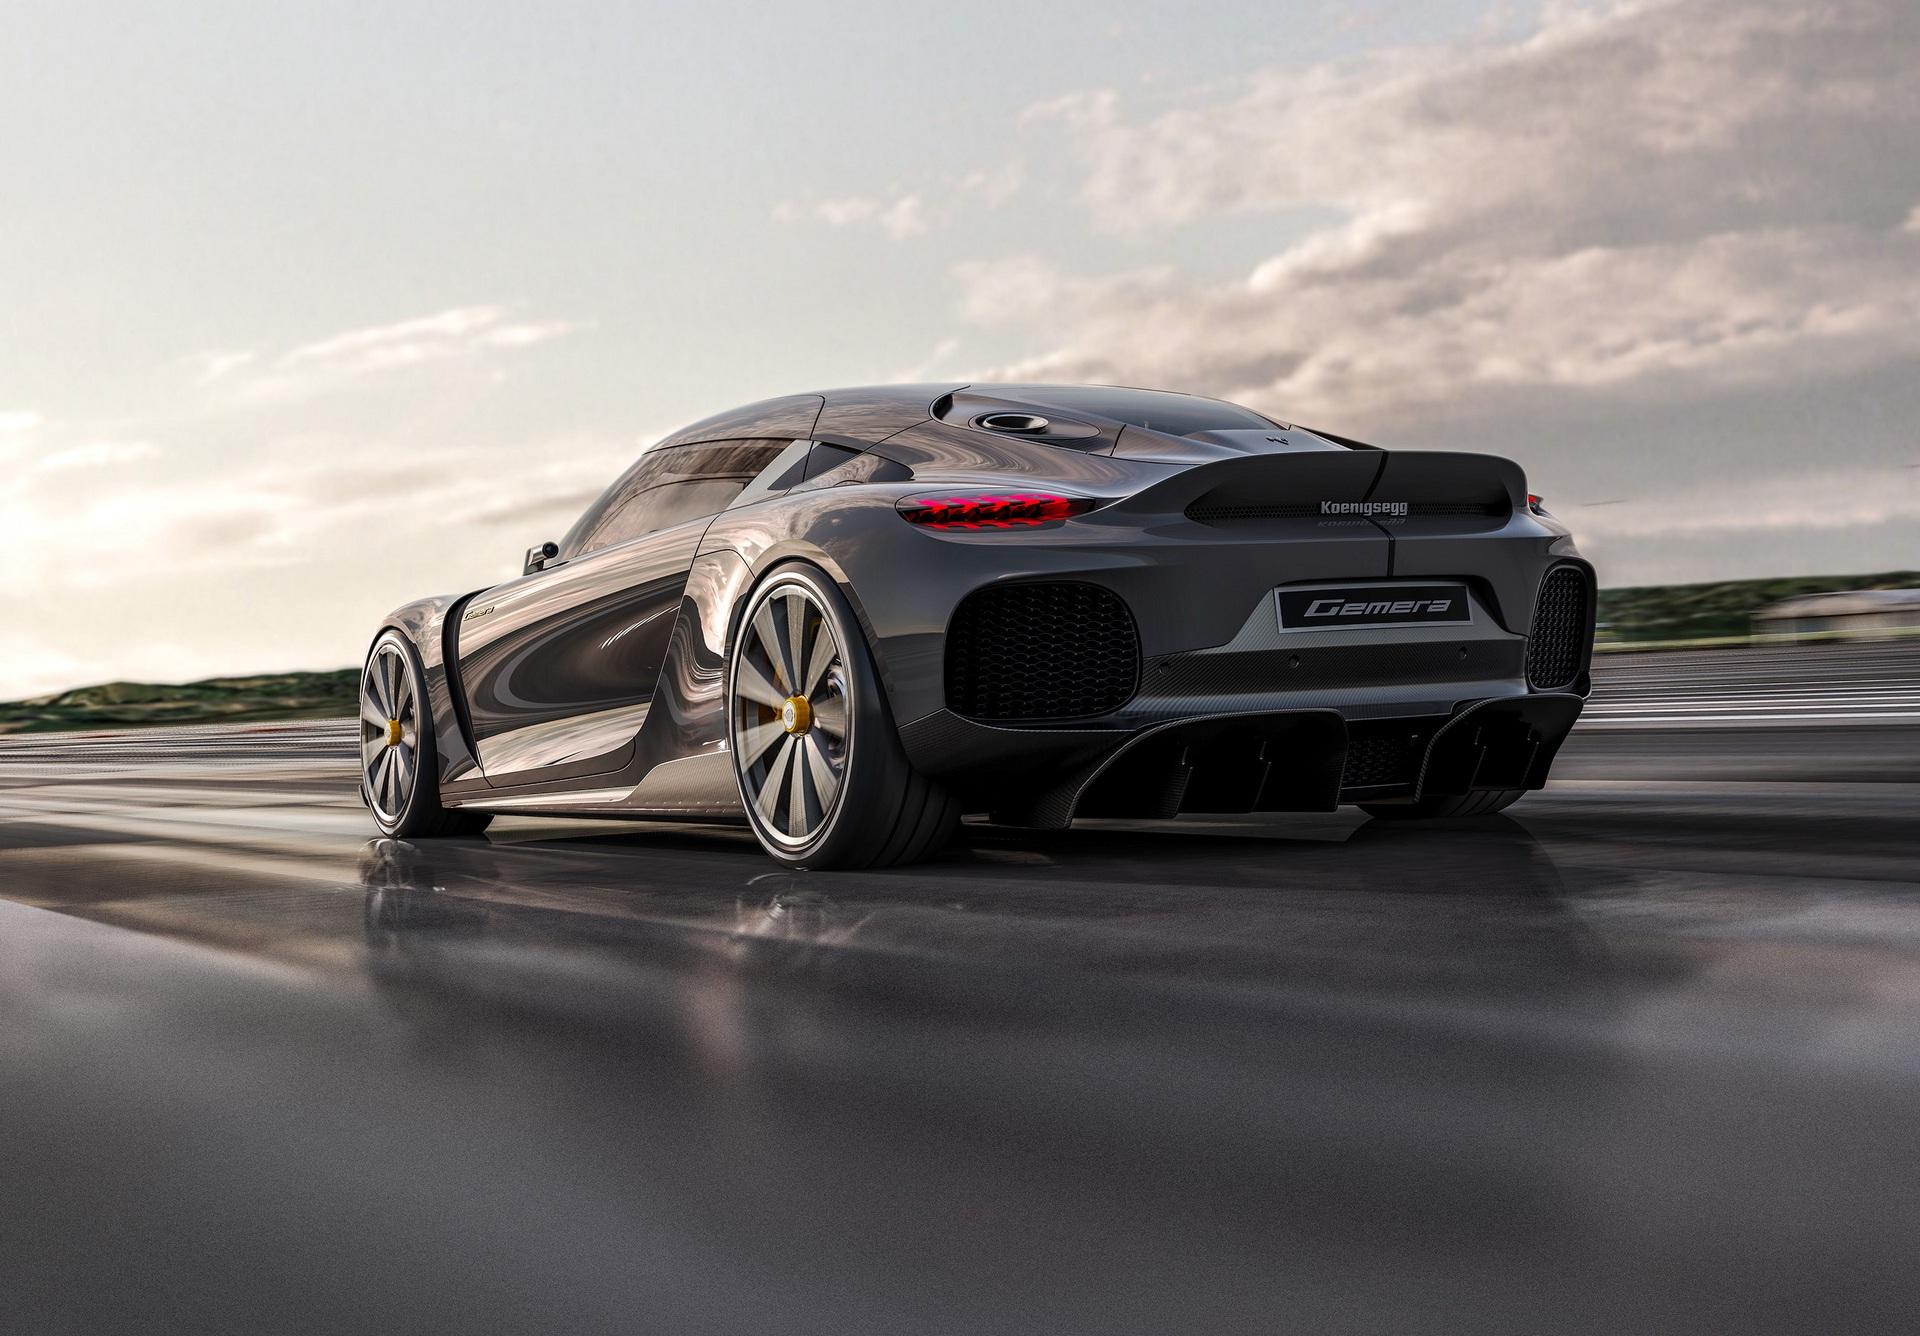 Первые фото и характеристики четырехместного гиперкара Koenigsegg